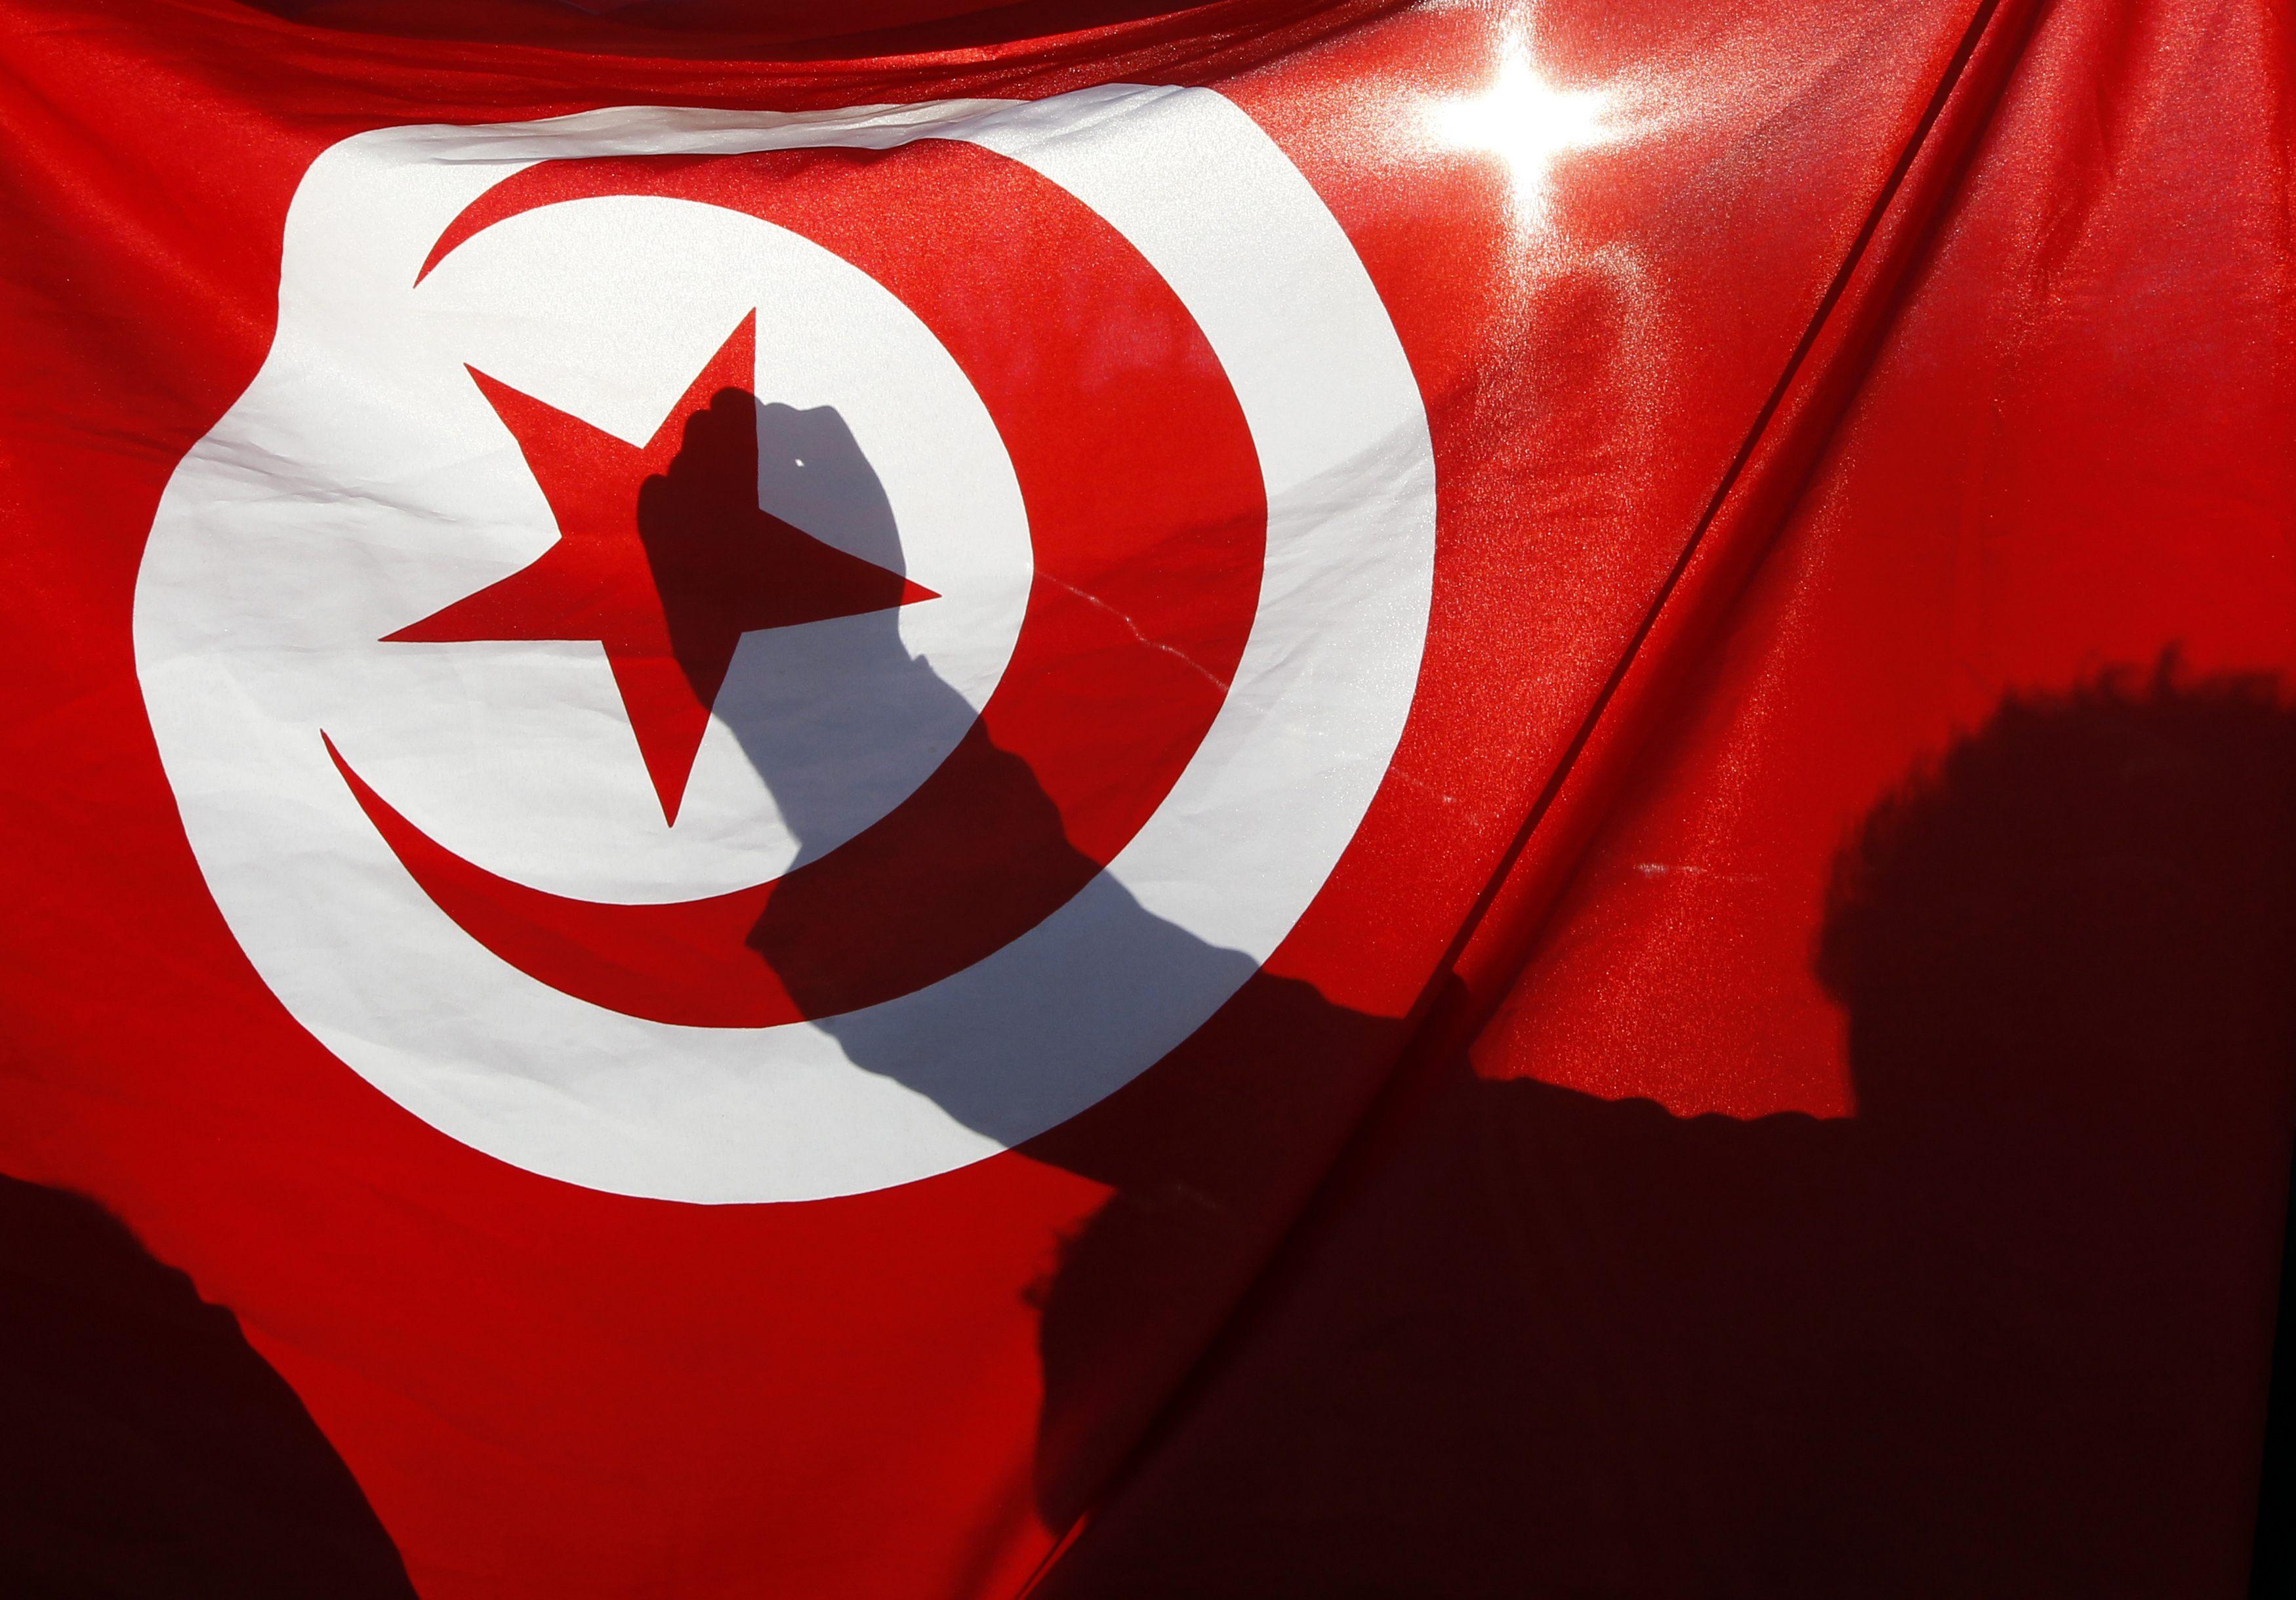 Des ONGs de la société civile condamnent fermement l'attentat et appellent à une stratégie globale contre le terrorisme